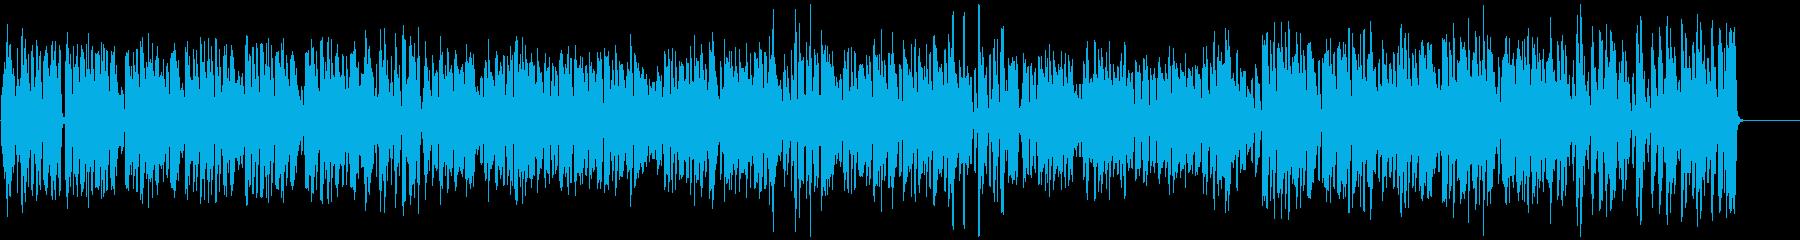 テンポ速めの「かたつむり」の再生済みの波形